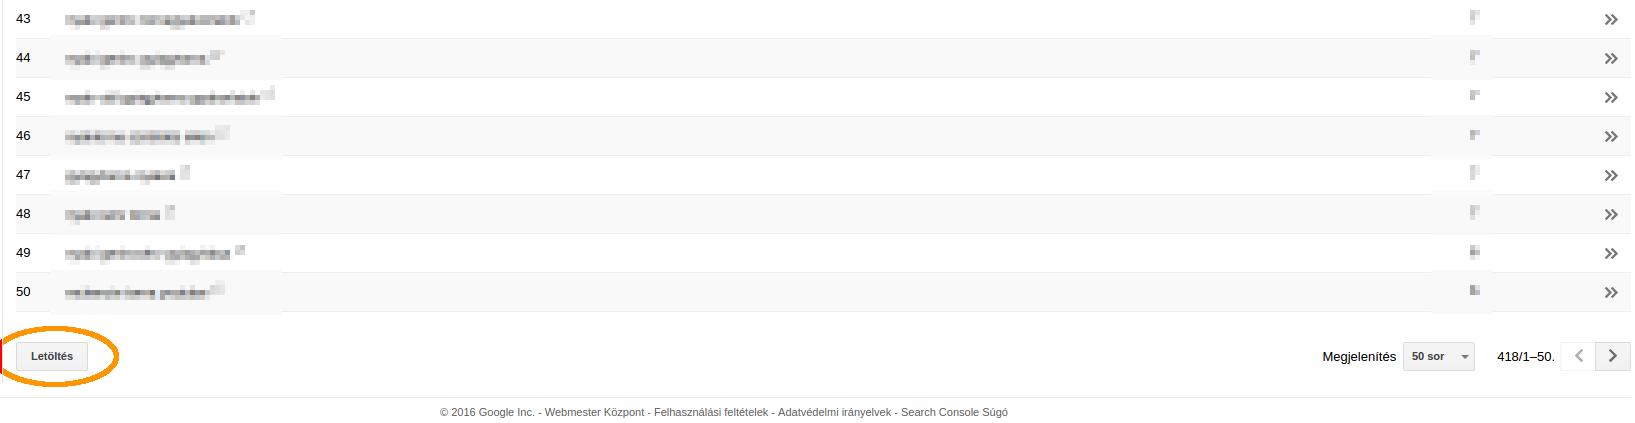 Keresési adatok letöltése a Google Search Console-ból